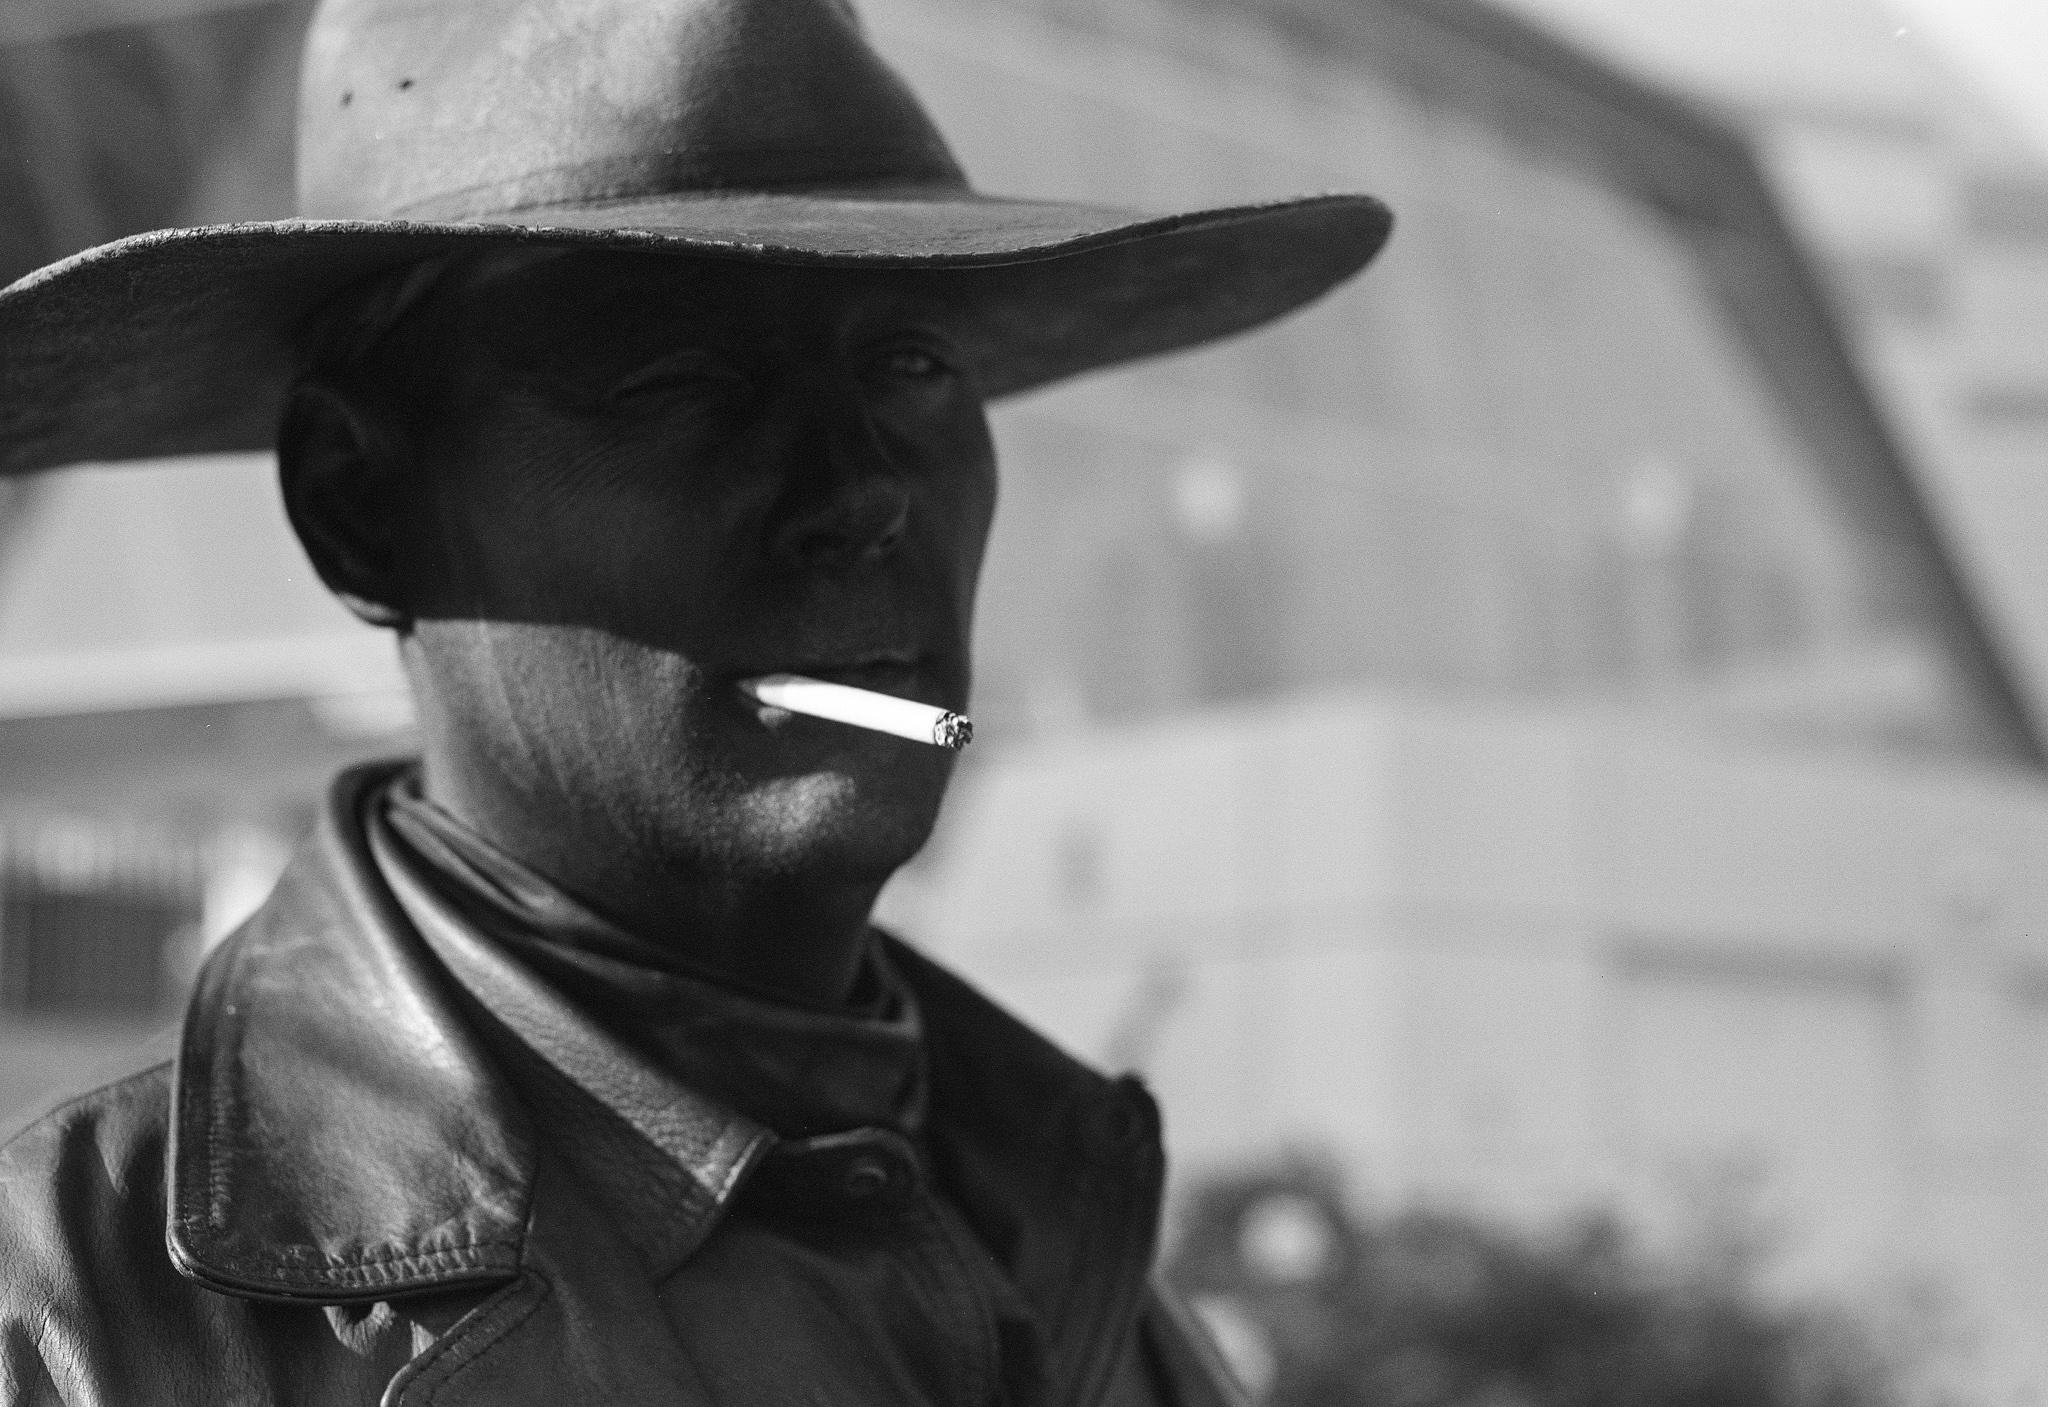 Urban Cowboy | Speed Graphic | Kodak 101mm f/4.5 | Kodak T-Max 400 | A. Gammel